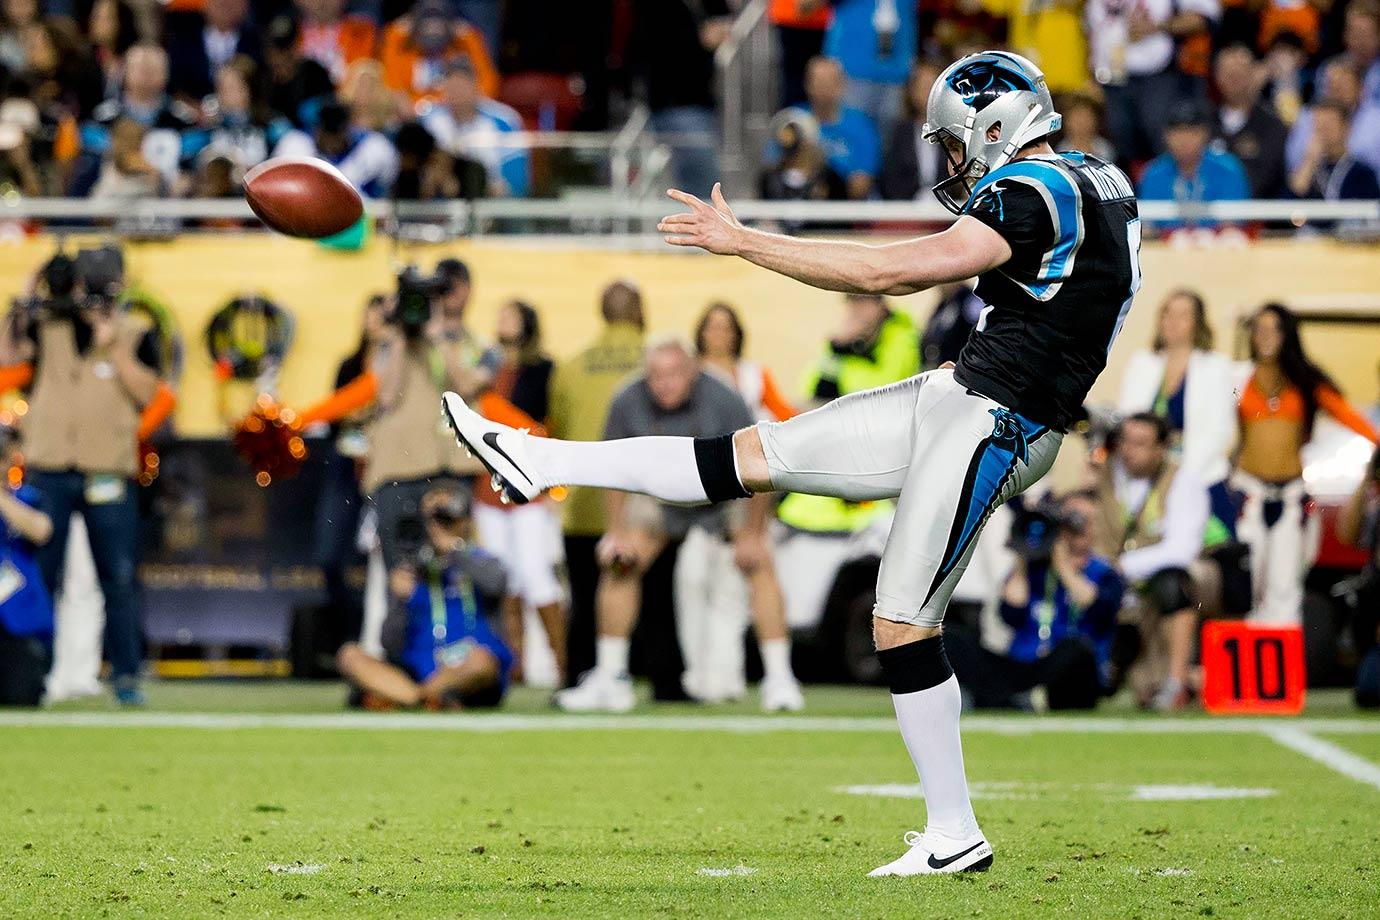 2015 Team: Carolina Panthers — 2016 Team: Jacksonville Jaguars